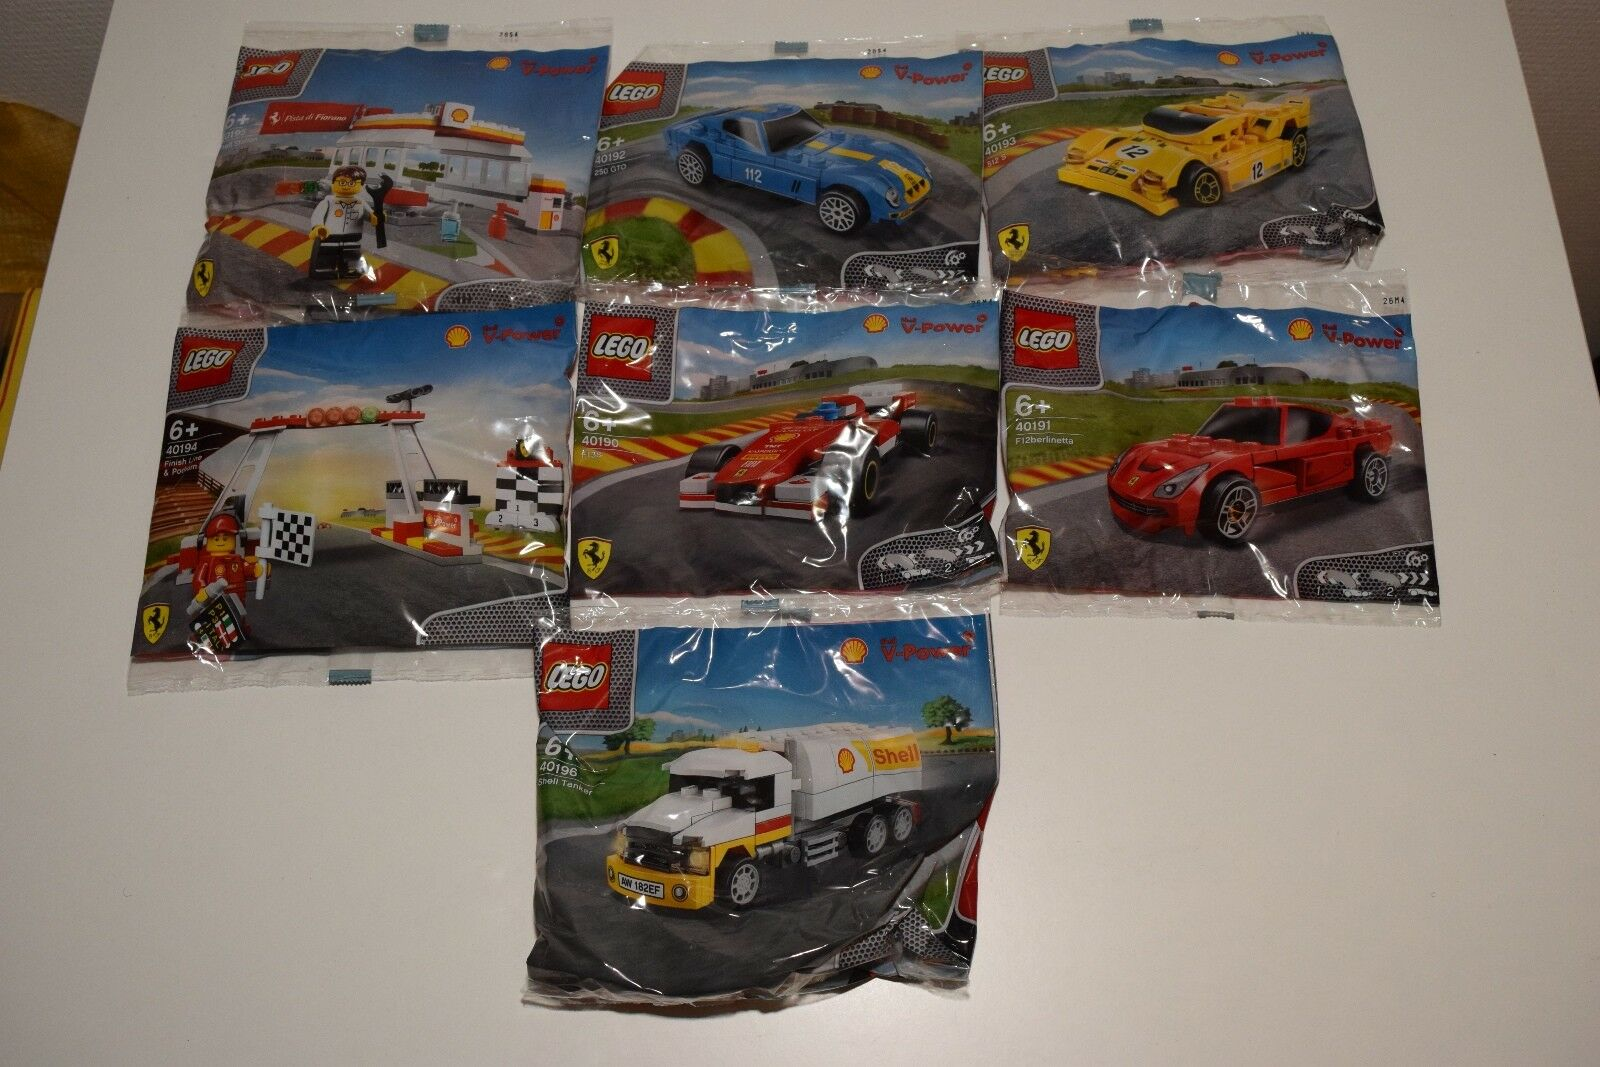 LEGO 40190 40191 40192 40193 40194 40195 40196 SHELL V V V POWER FERRARI DUTCH RARE  a6500e